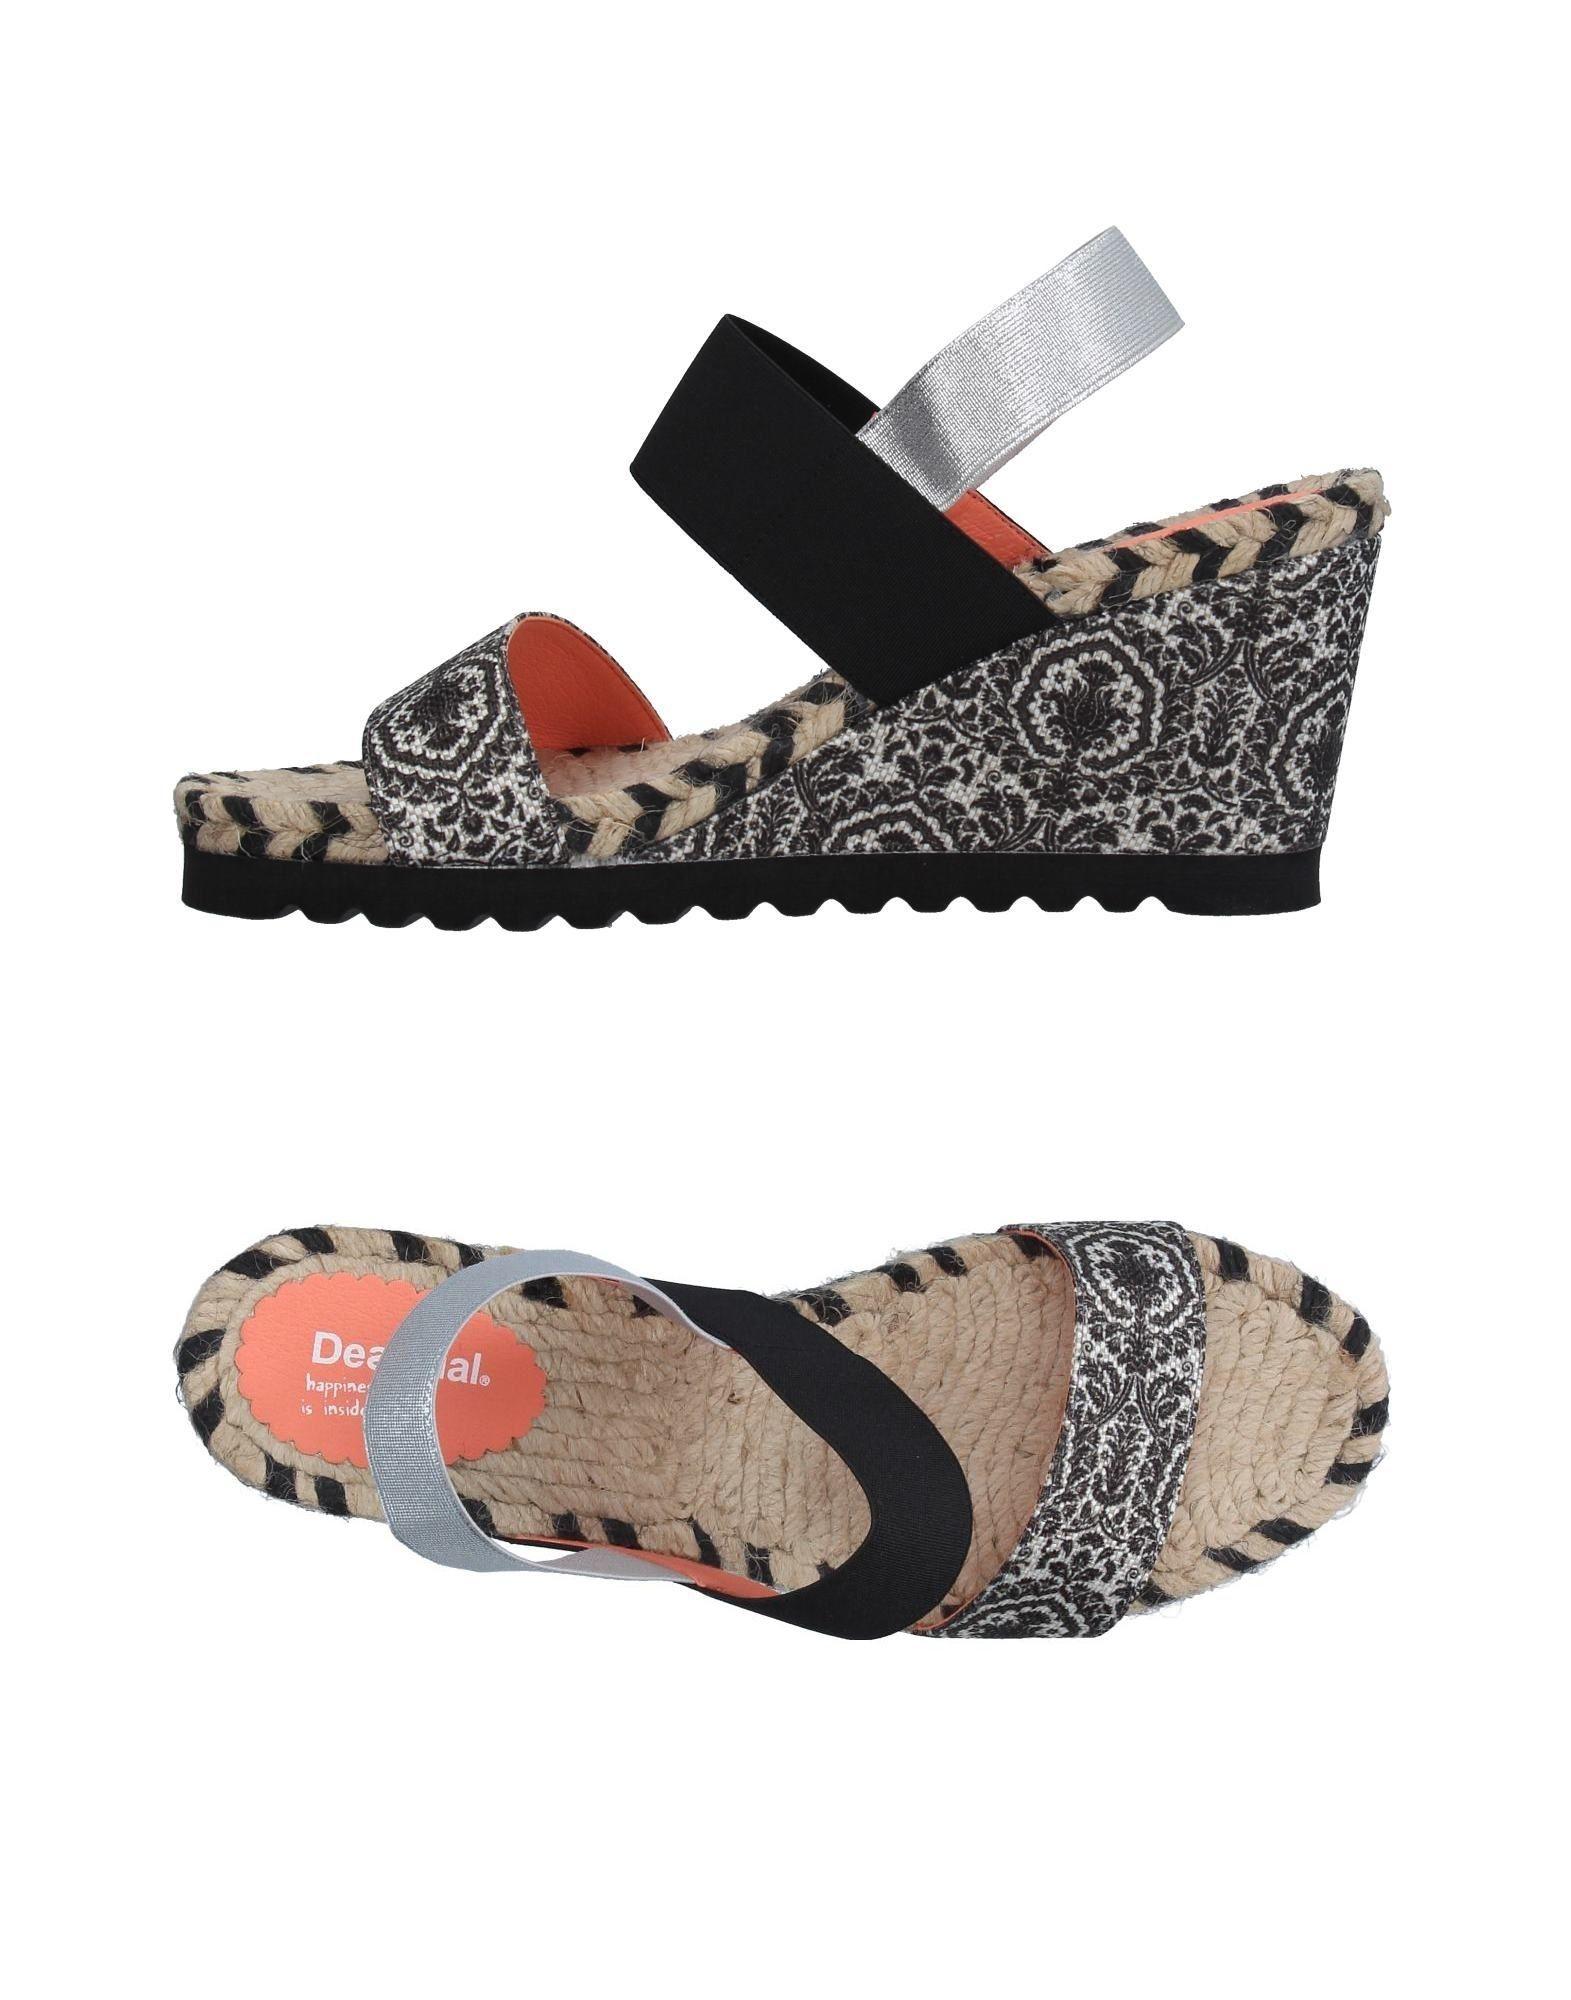 Sandales Desigual Femme - Sandales Desigual sur